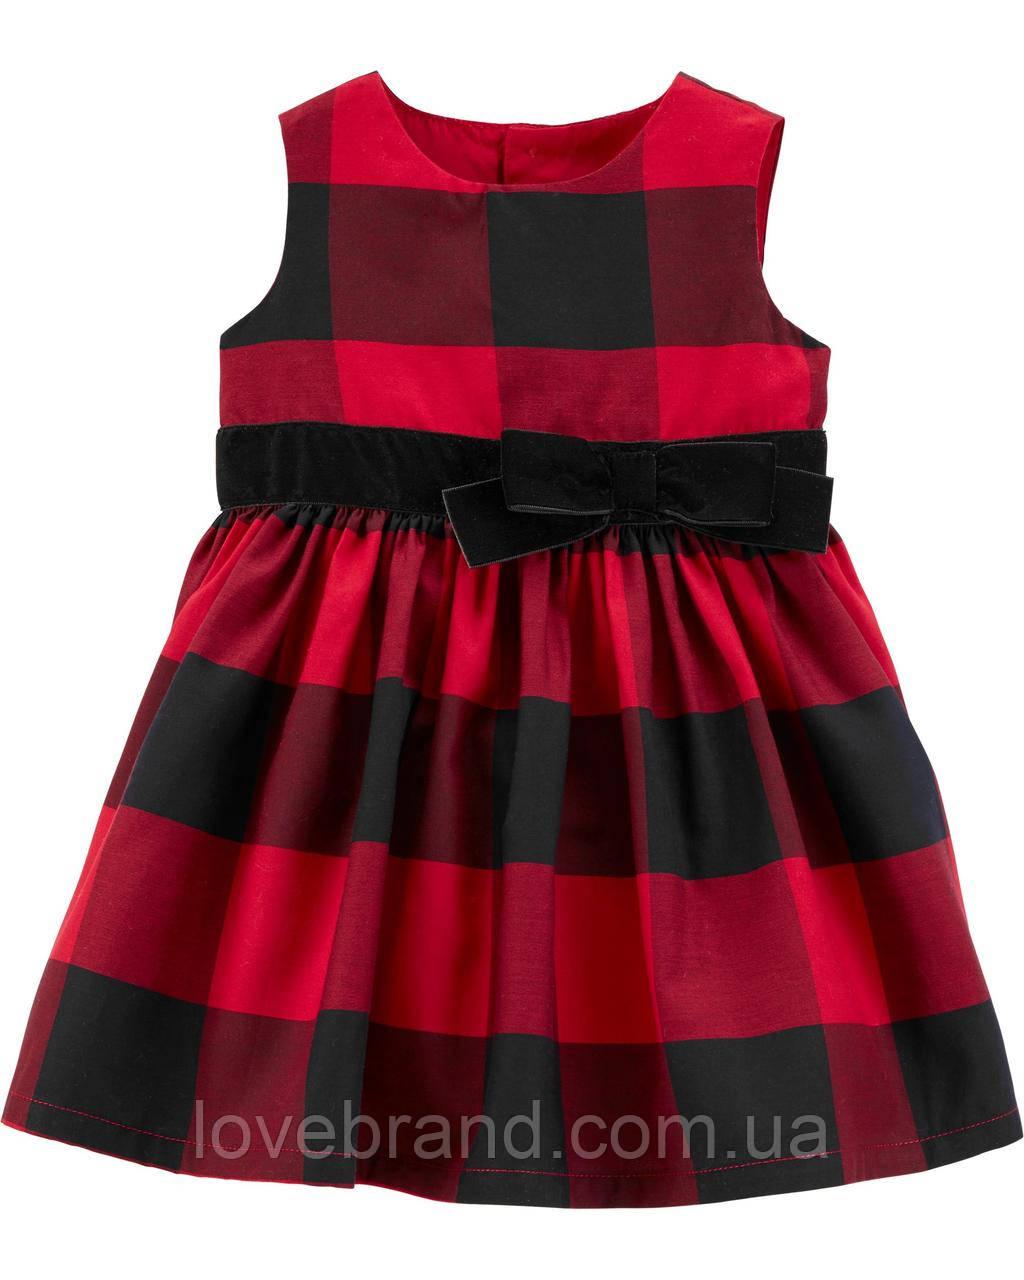 Нарядное платье для девочки Carter's красное в клеточку 18 мес/78-83 см